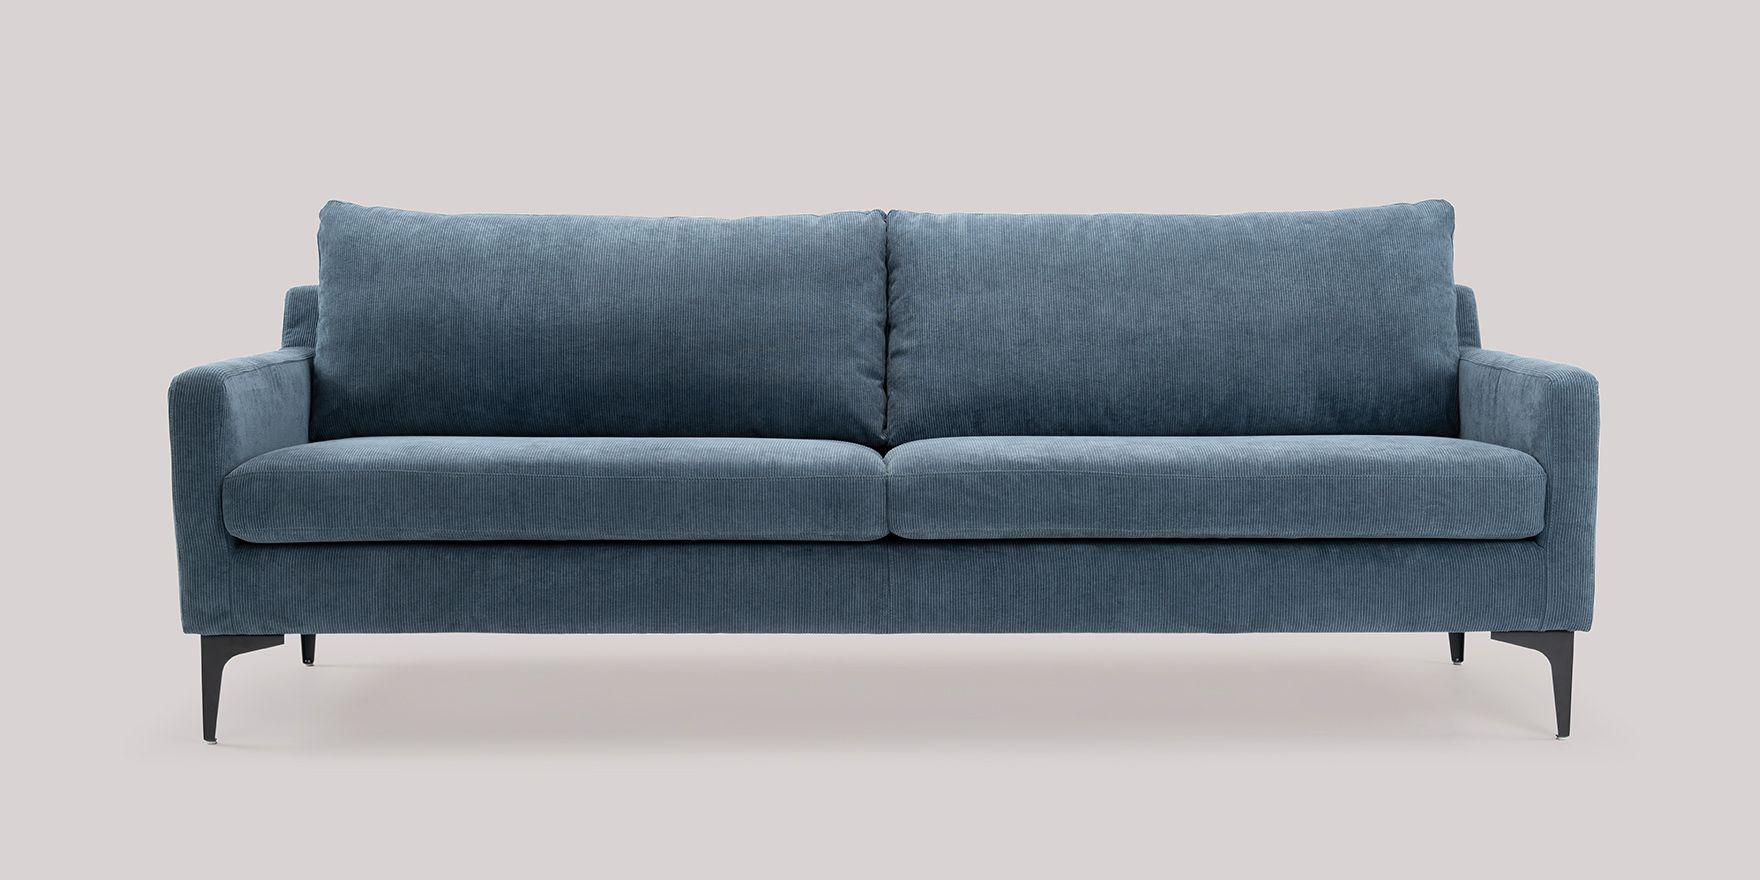 Full Size of Ikea Klippan 3 Sitzer Sofa Bei Roller Mit Bettfunktion Und 2 Sessel Nockeby Couch Schlaffunktion Poco Relaxfunktion Elektrisch Ektorp Astha Aus Blauem Sofa 3 Sitzer Sofa